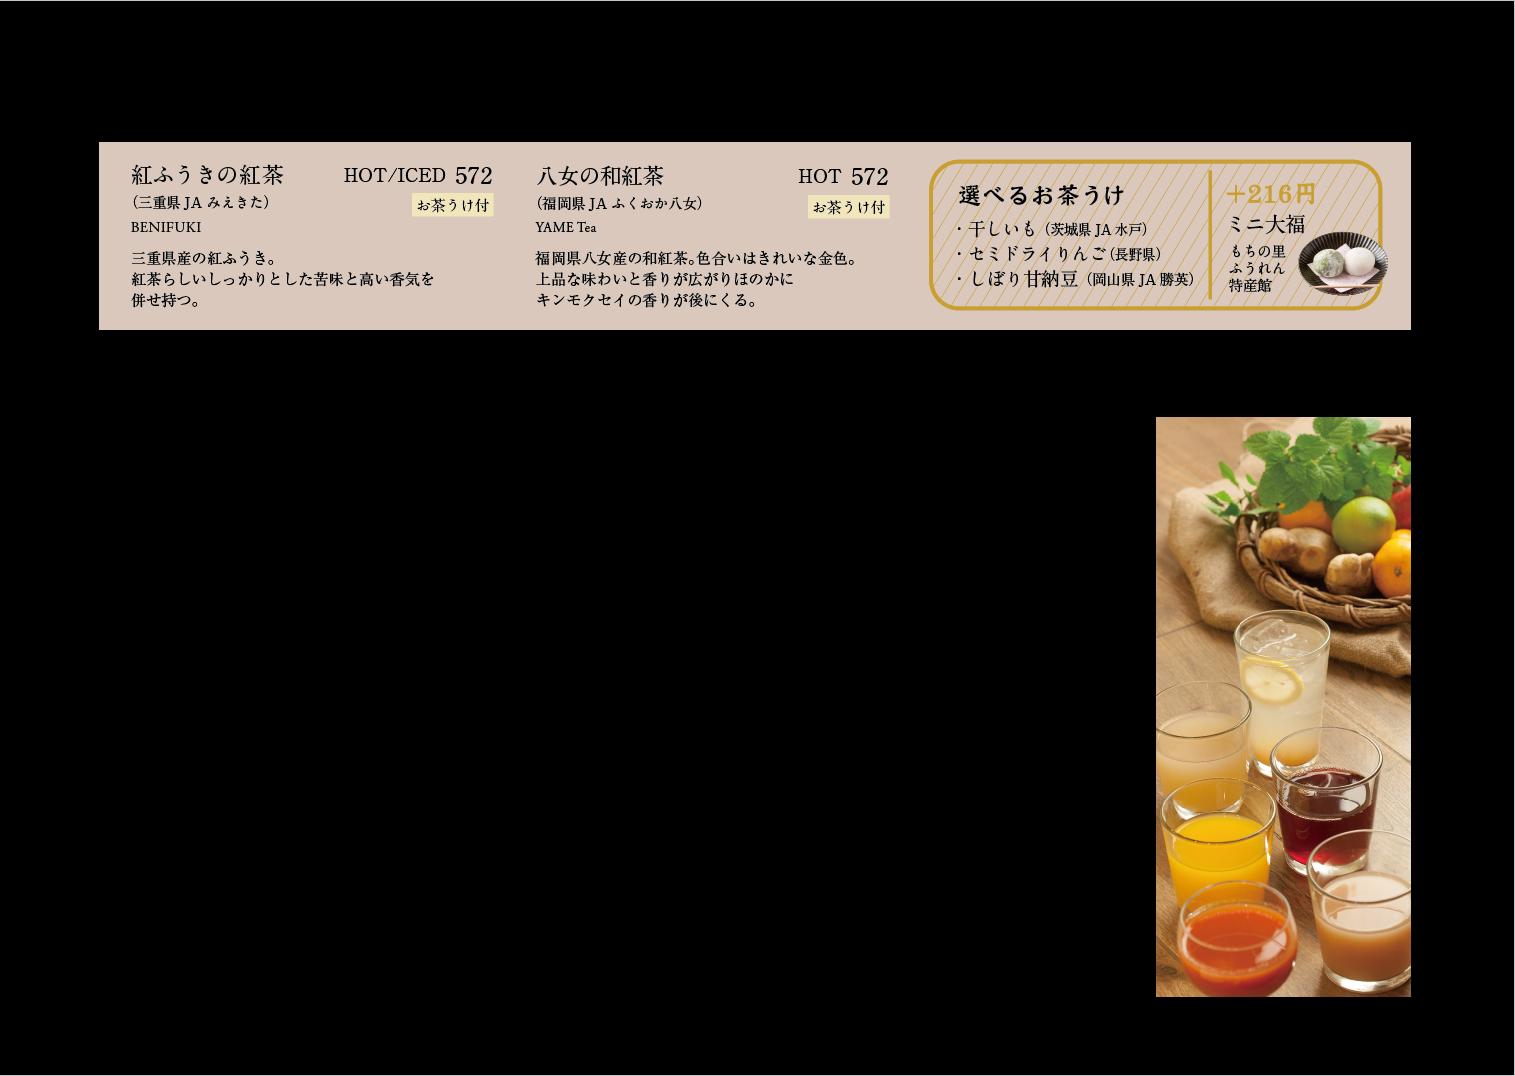 minoru_oyatsu_menu_171127_03-2.png